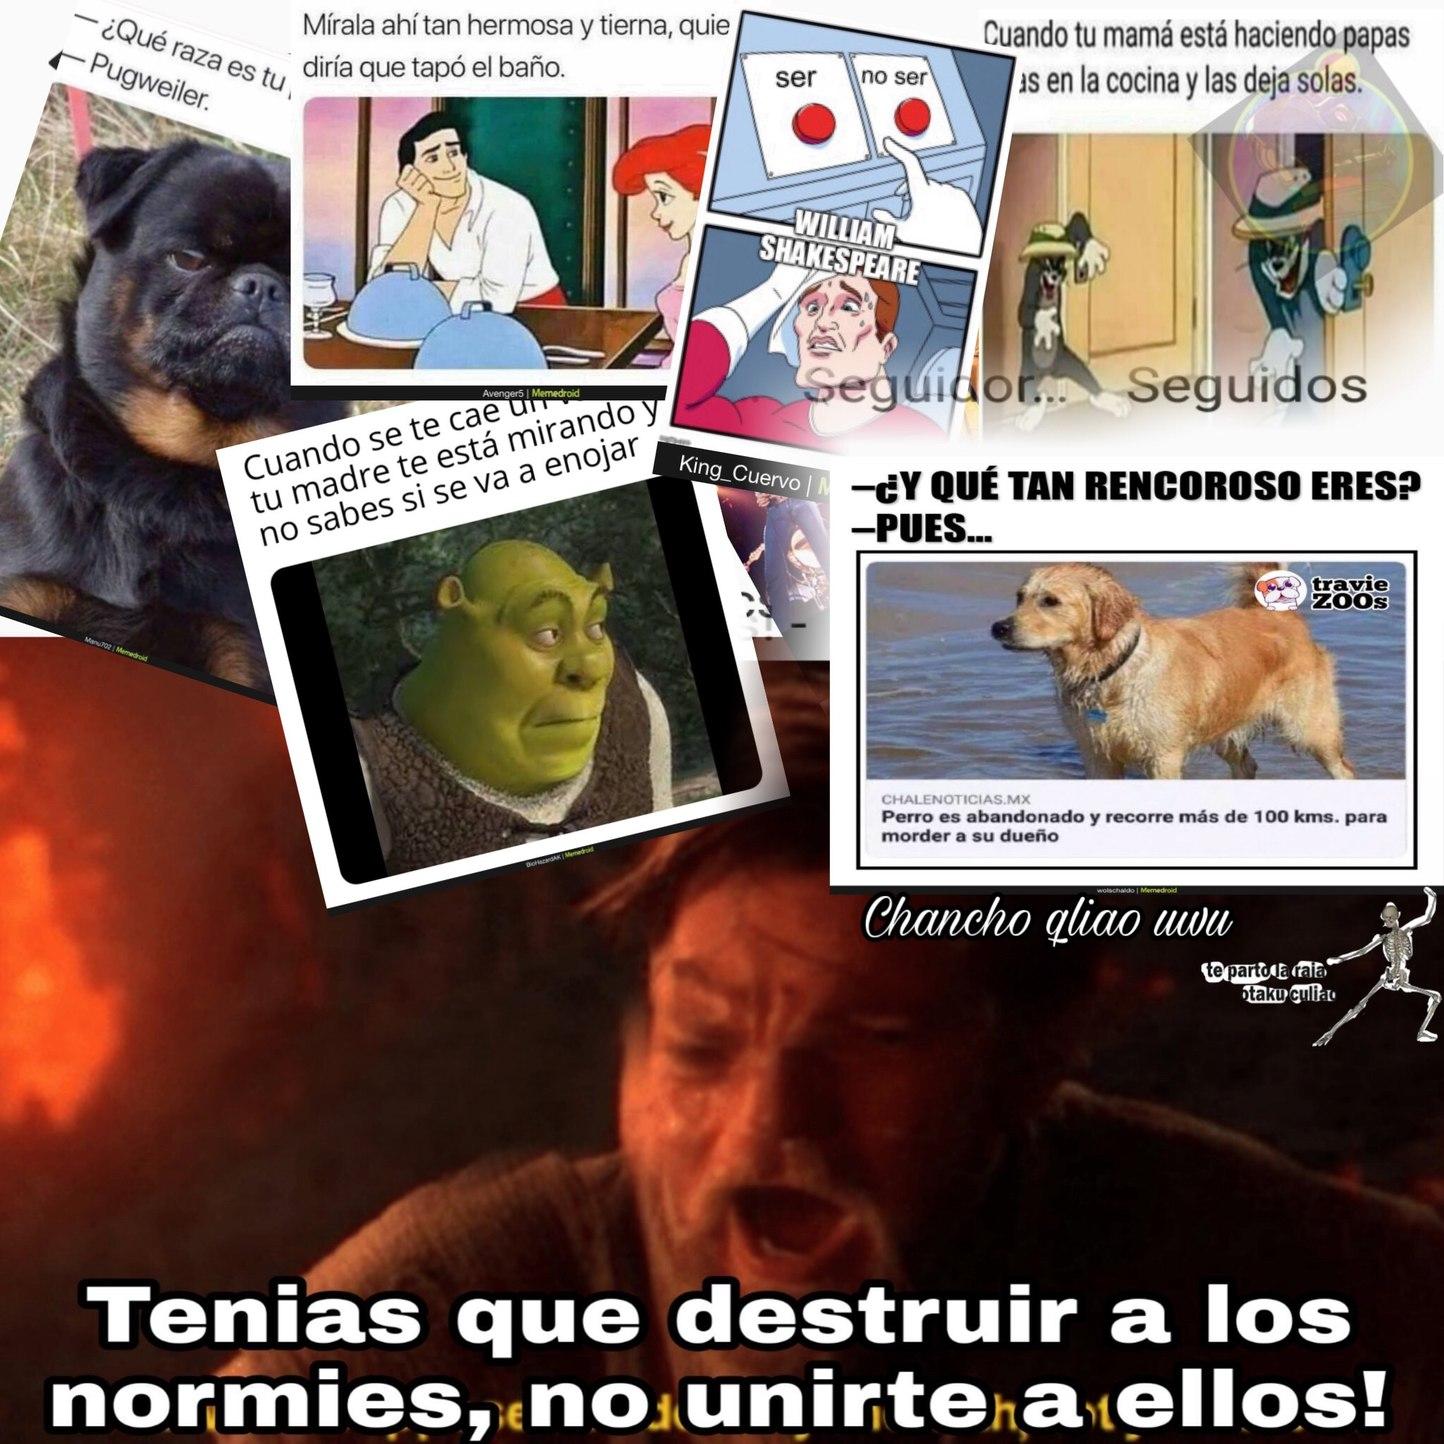 Normies y memes de Facebook >:[